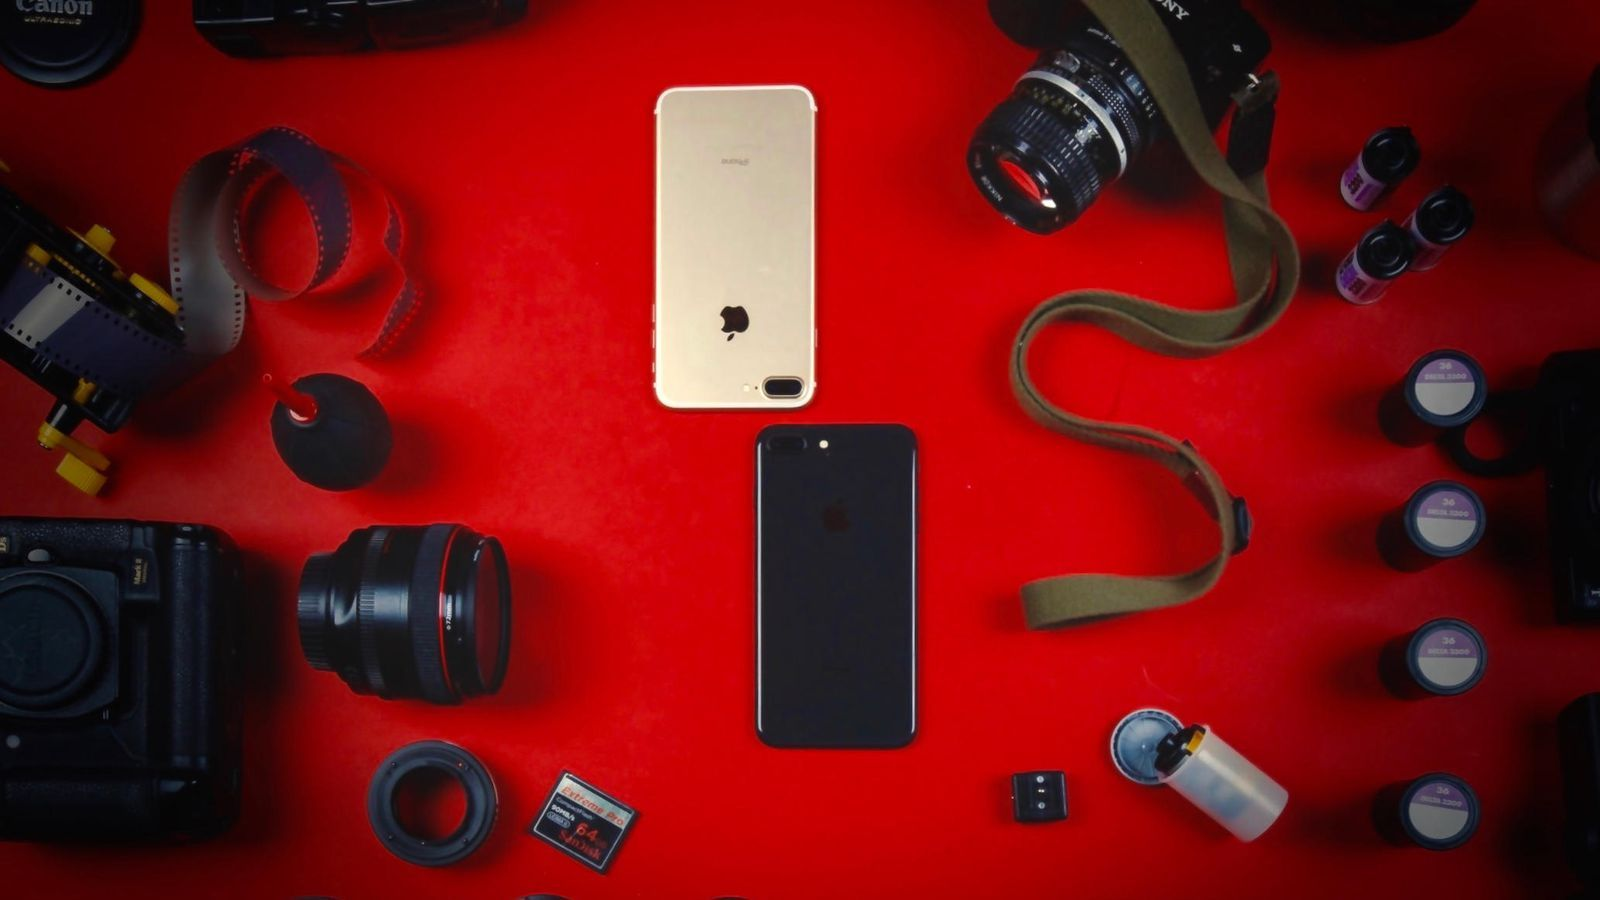 Đây là 2 mẫu iPhone tuyệt vời cho các iFan thích thiết kế cũ - 4